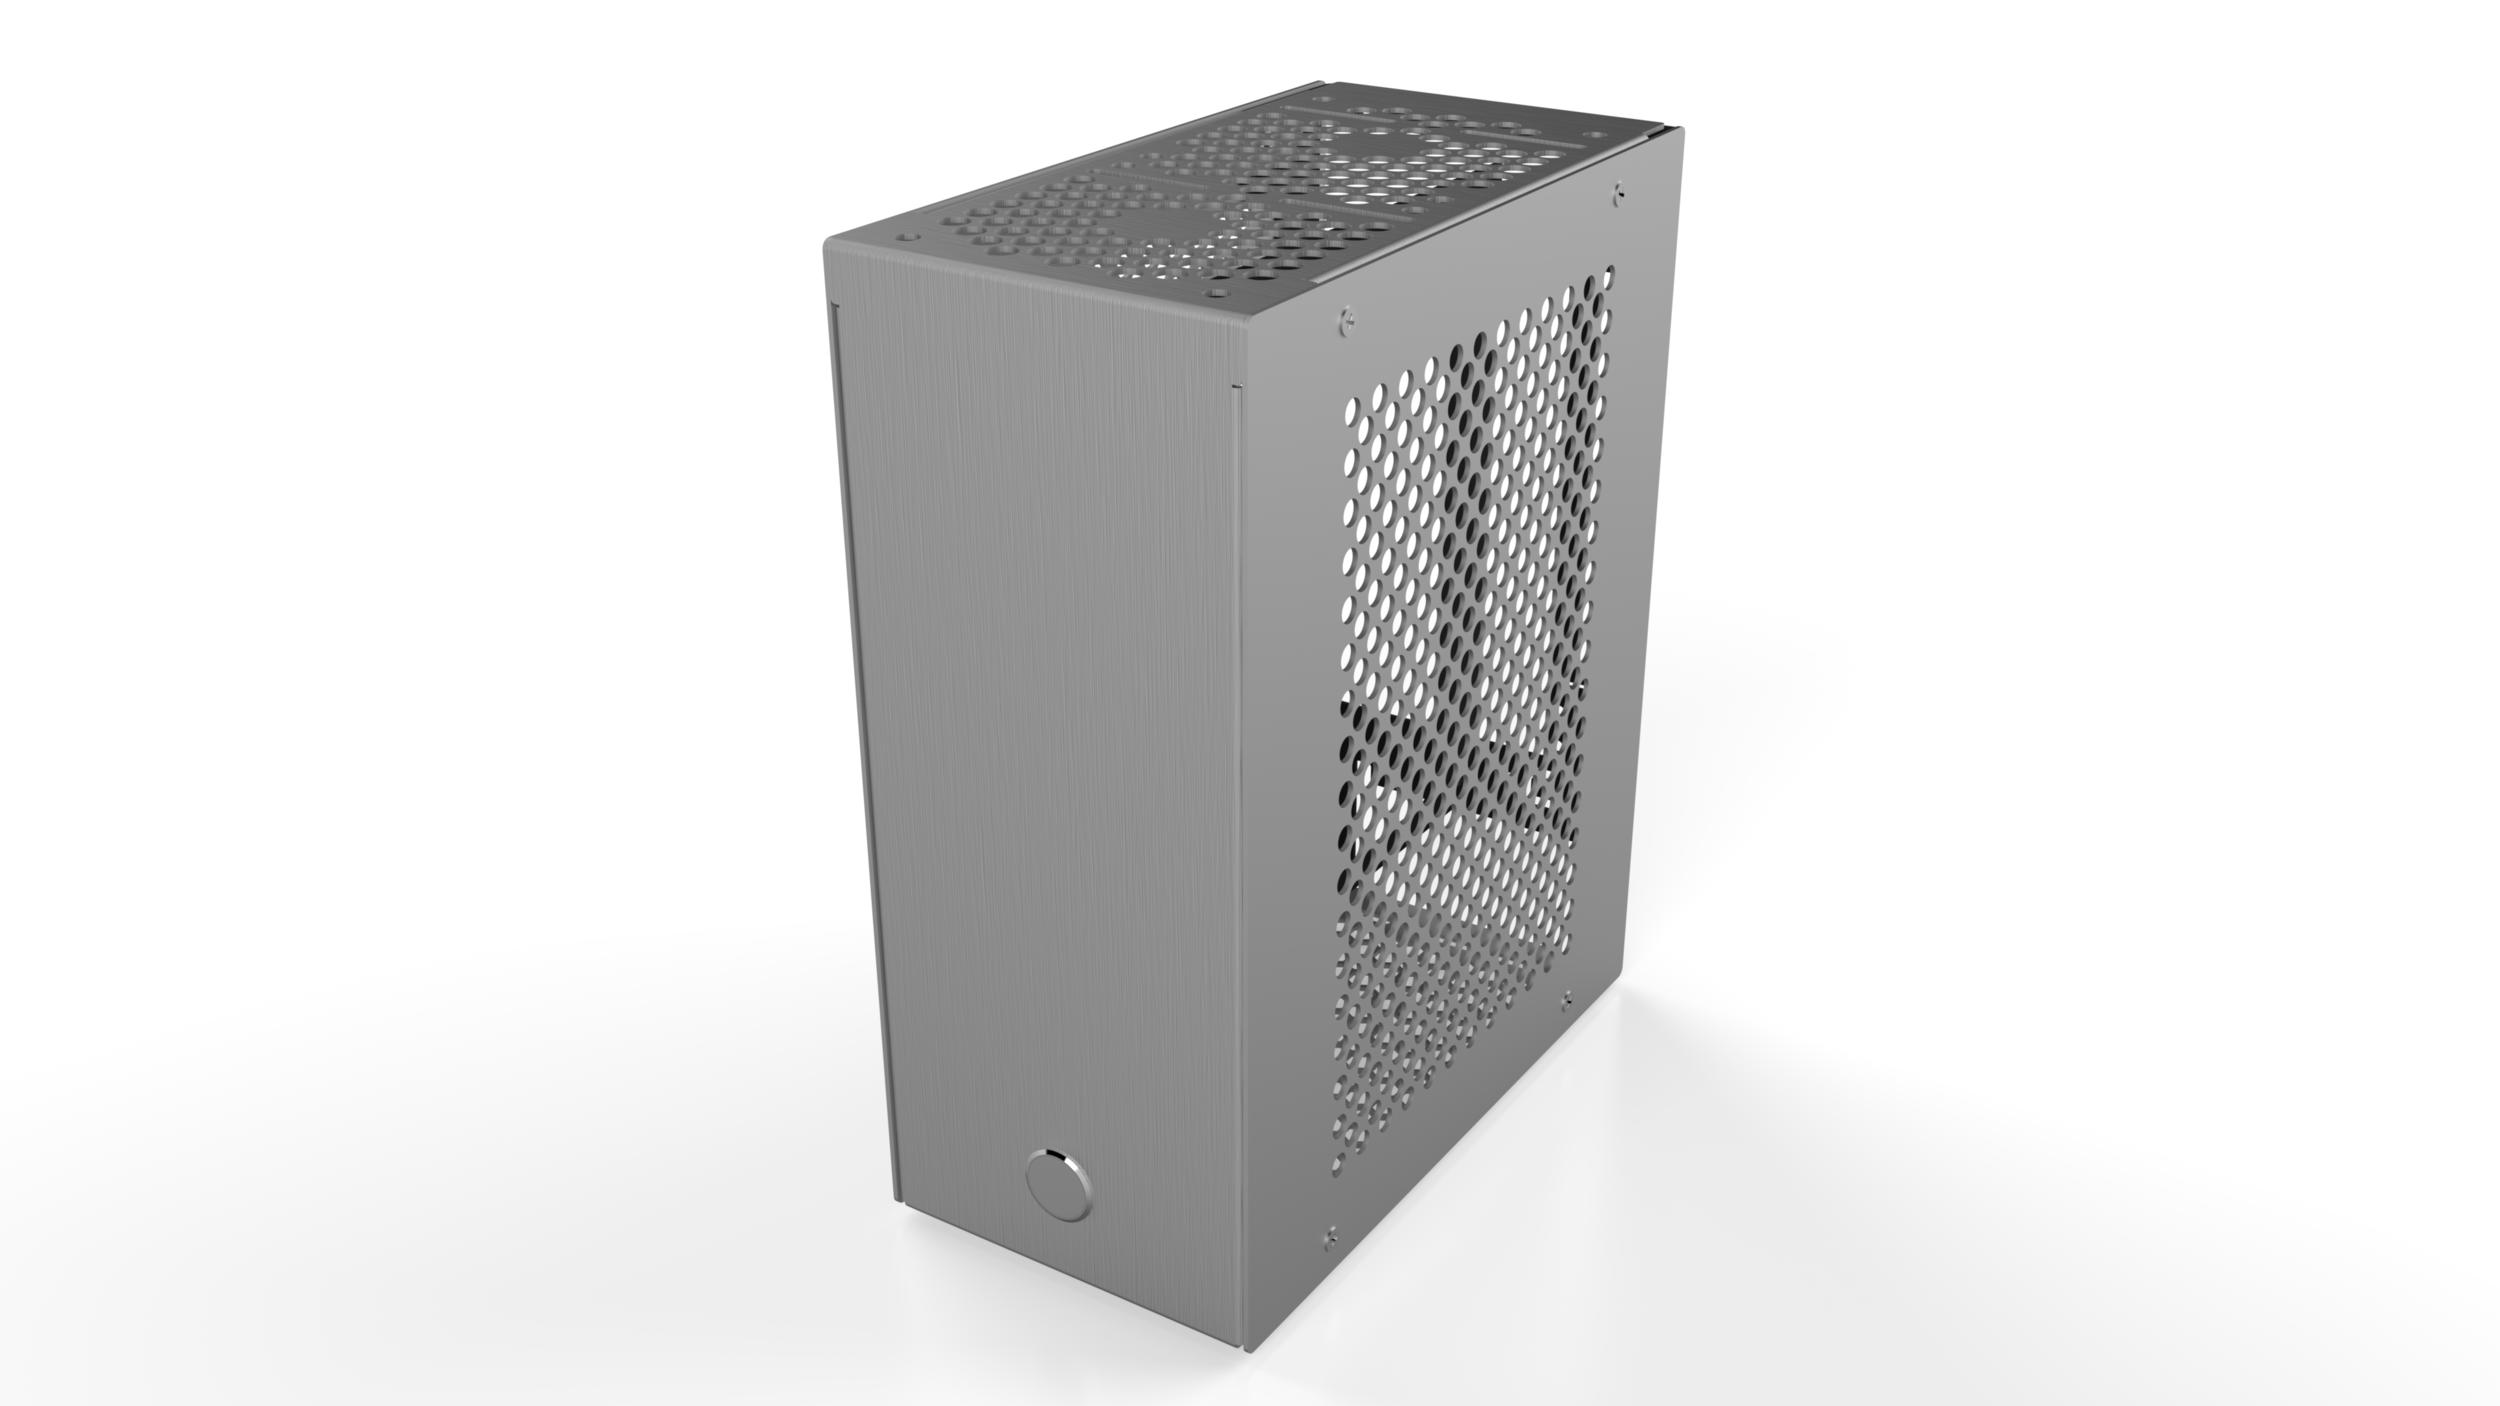 (Pre-order) Velka 3 mini ITX computer case — VELKASE